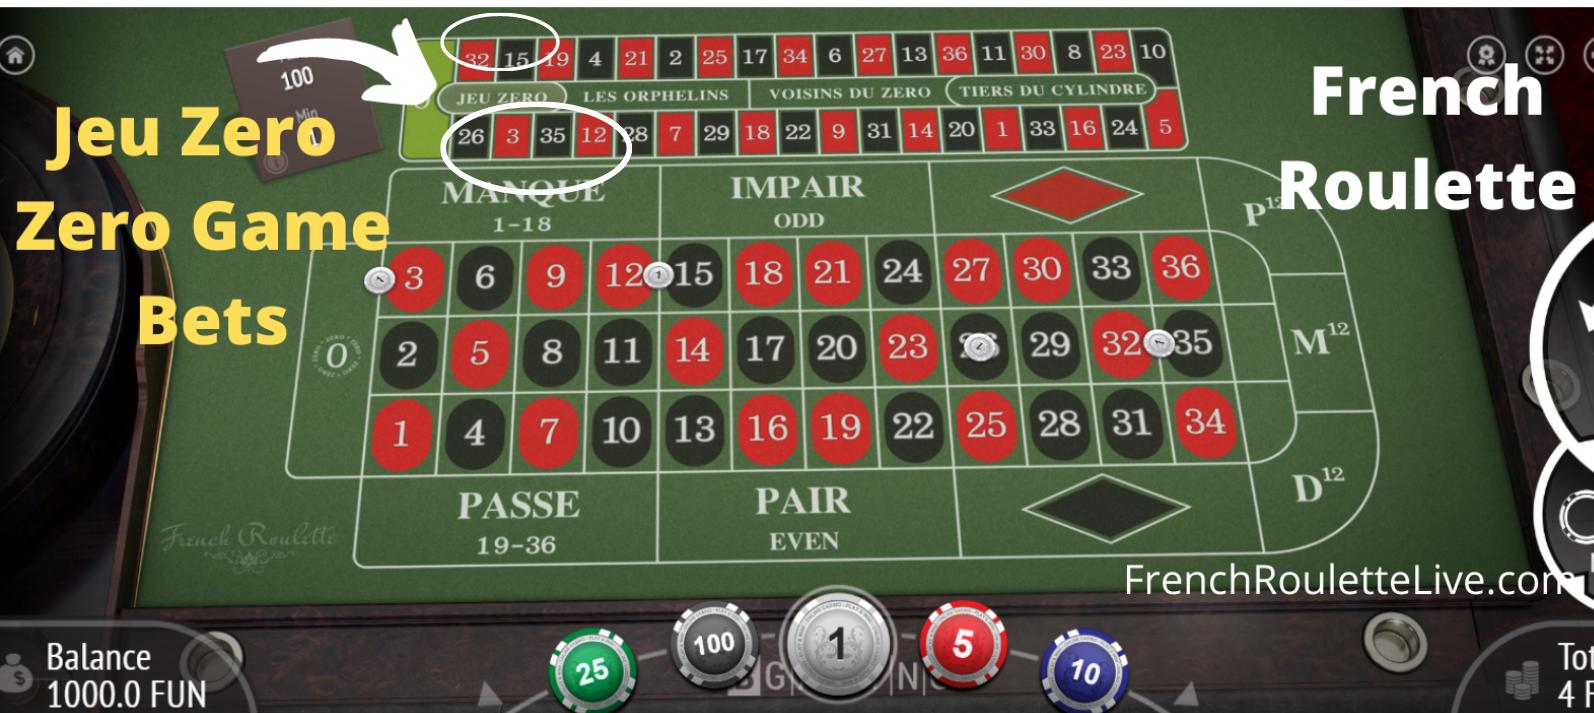 Roulette Table Layouts - Jeu Zero Bets - Racetrack